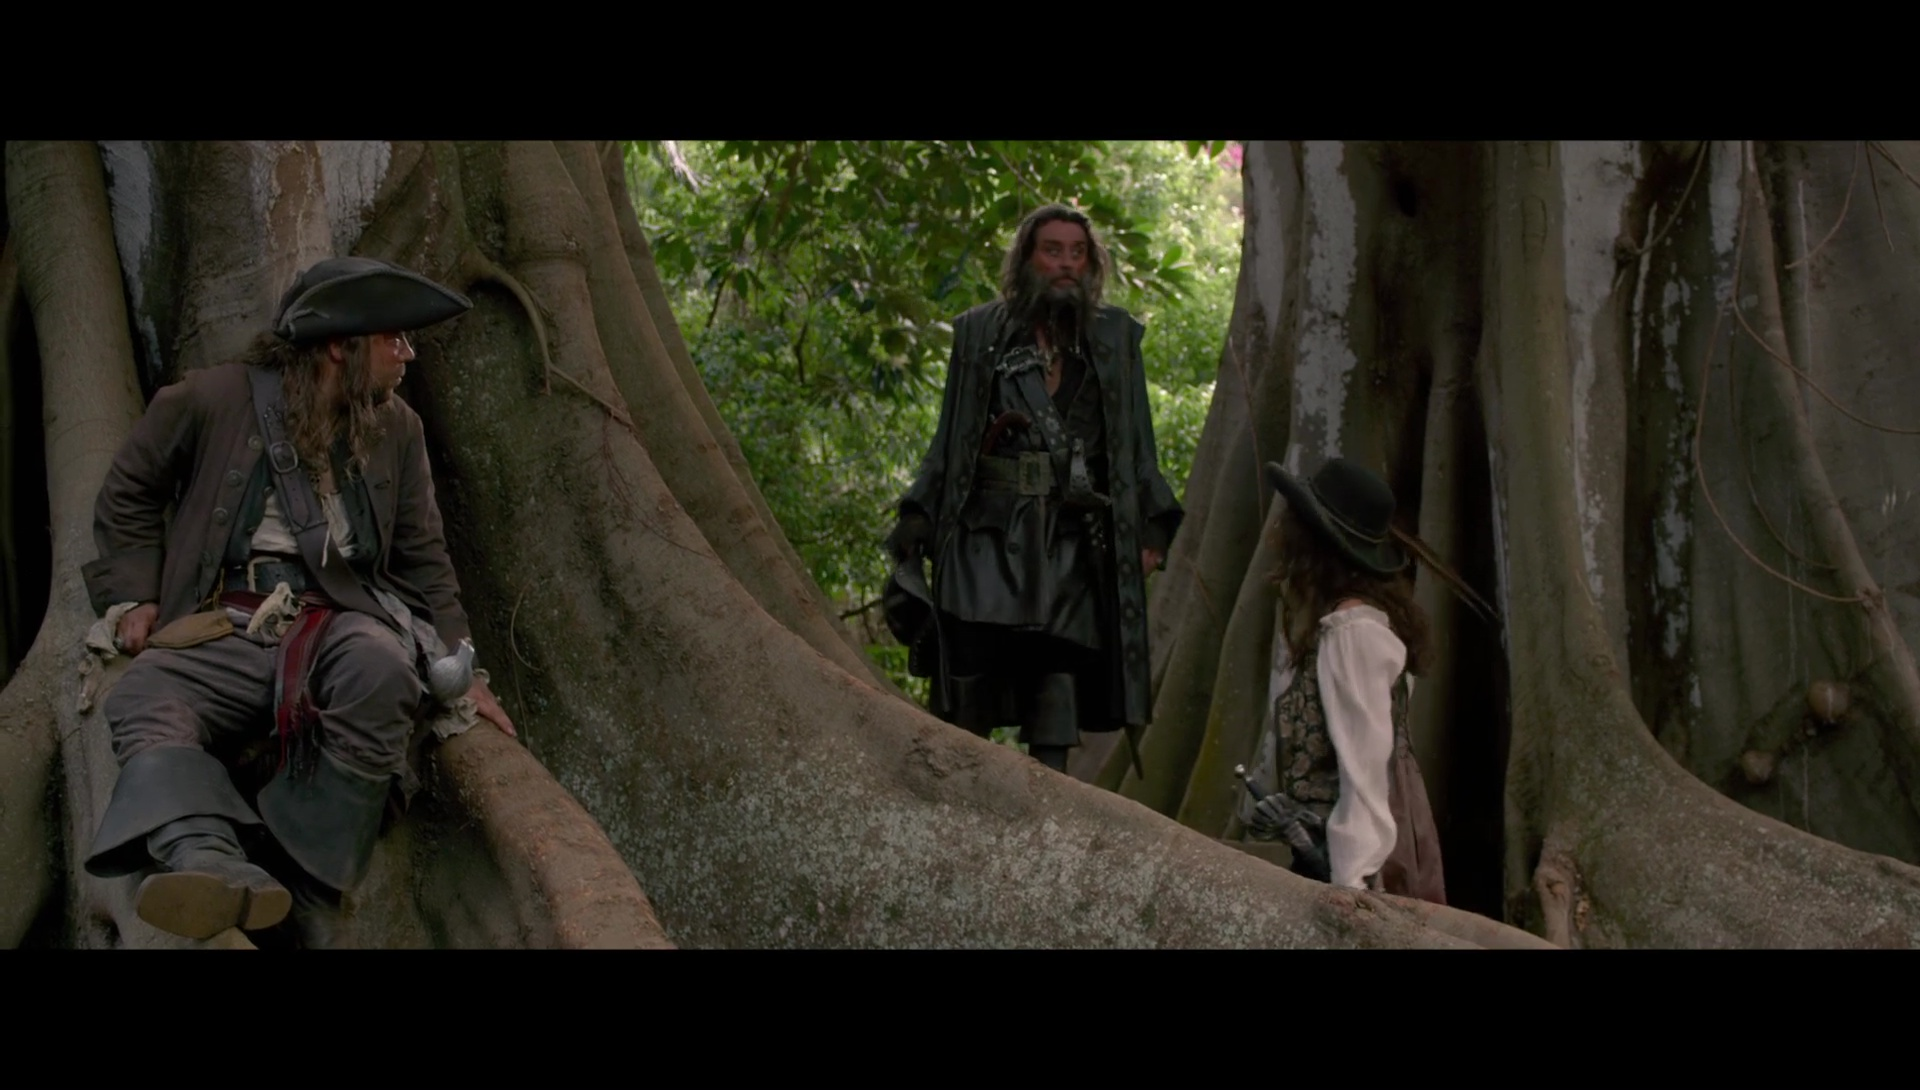 Piratas Del Caribe 4 1080p Lat-Cast-Ing 5.1 (2011)